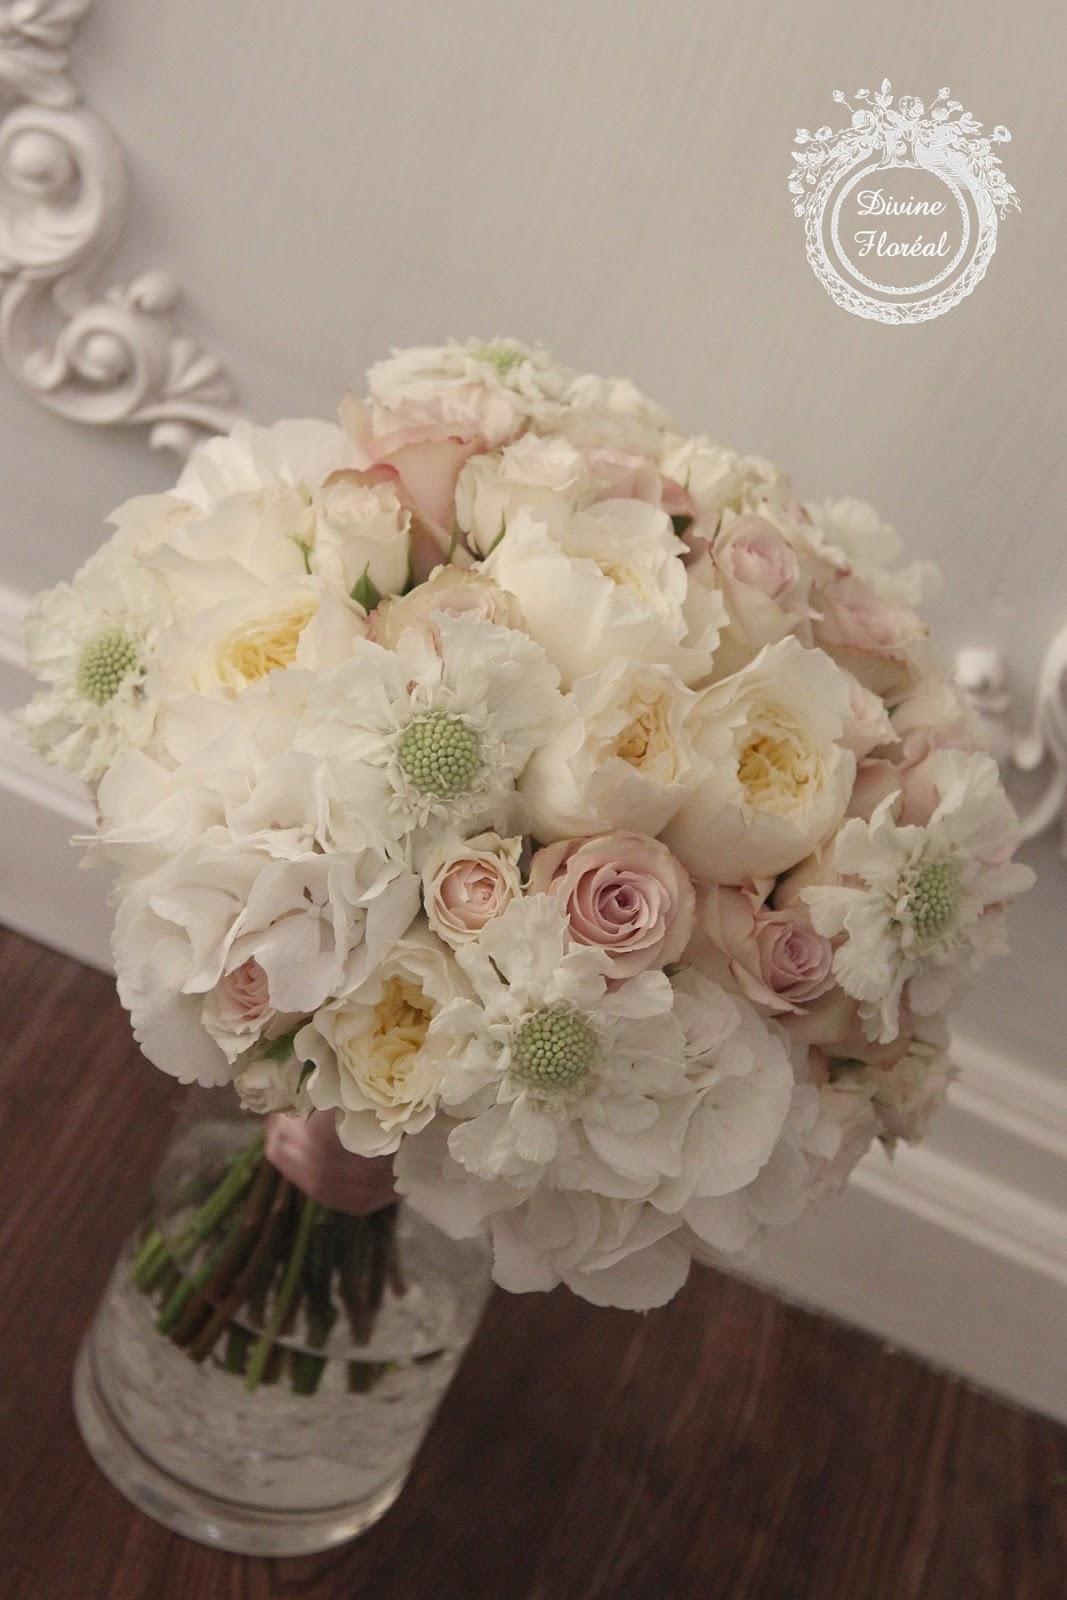 divine flor al october 2012. Black Bedroom Furniture Sets. Home Design Ideas